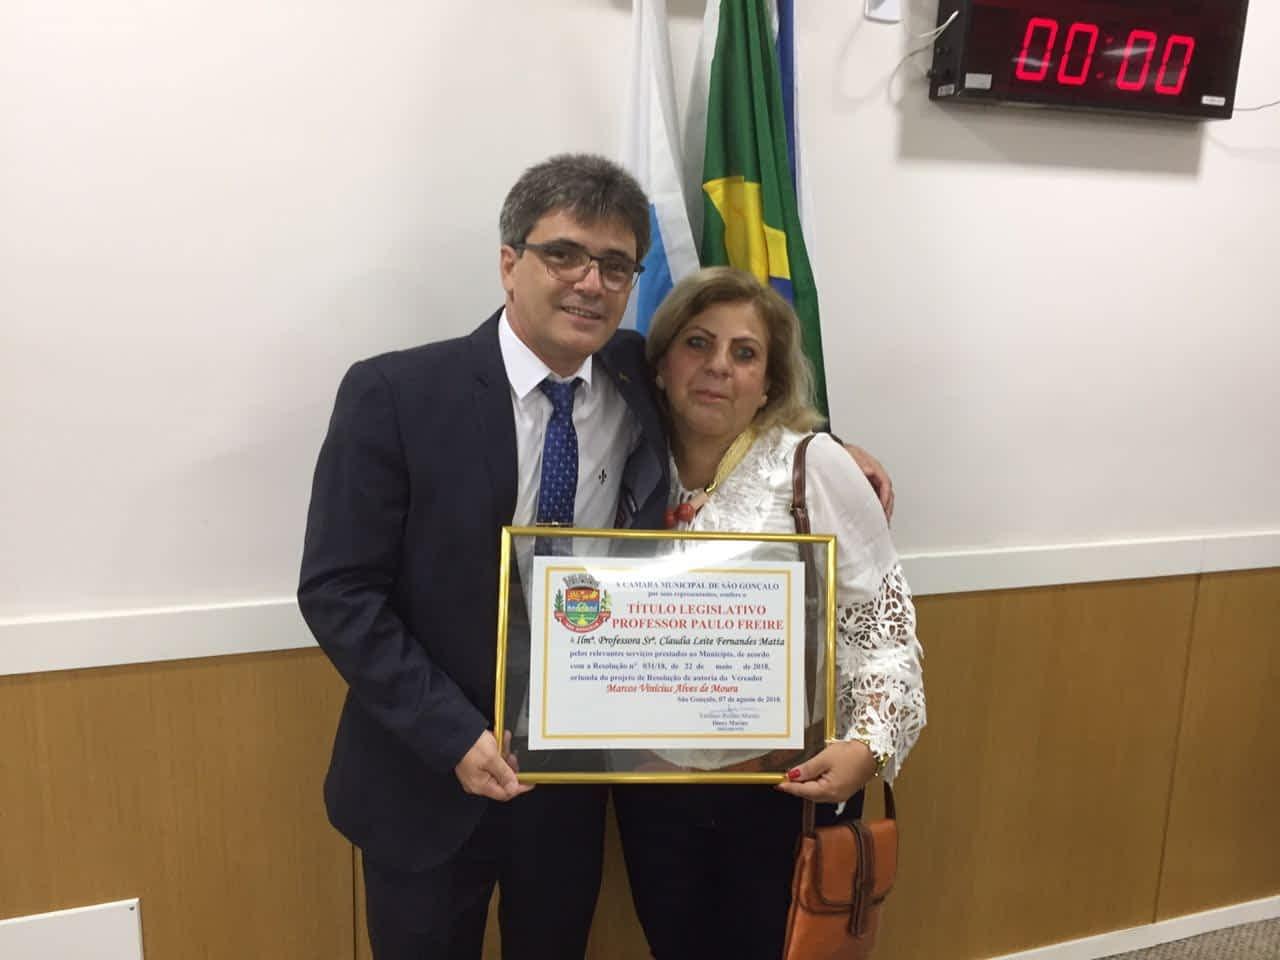 Vereador homenageia professora pelos 31 anos de dedicação à educação de São Gonçalo